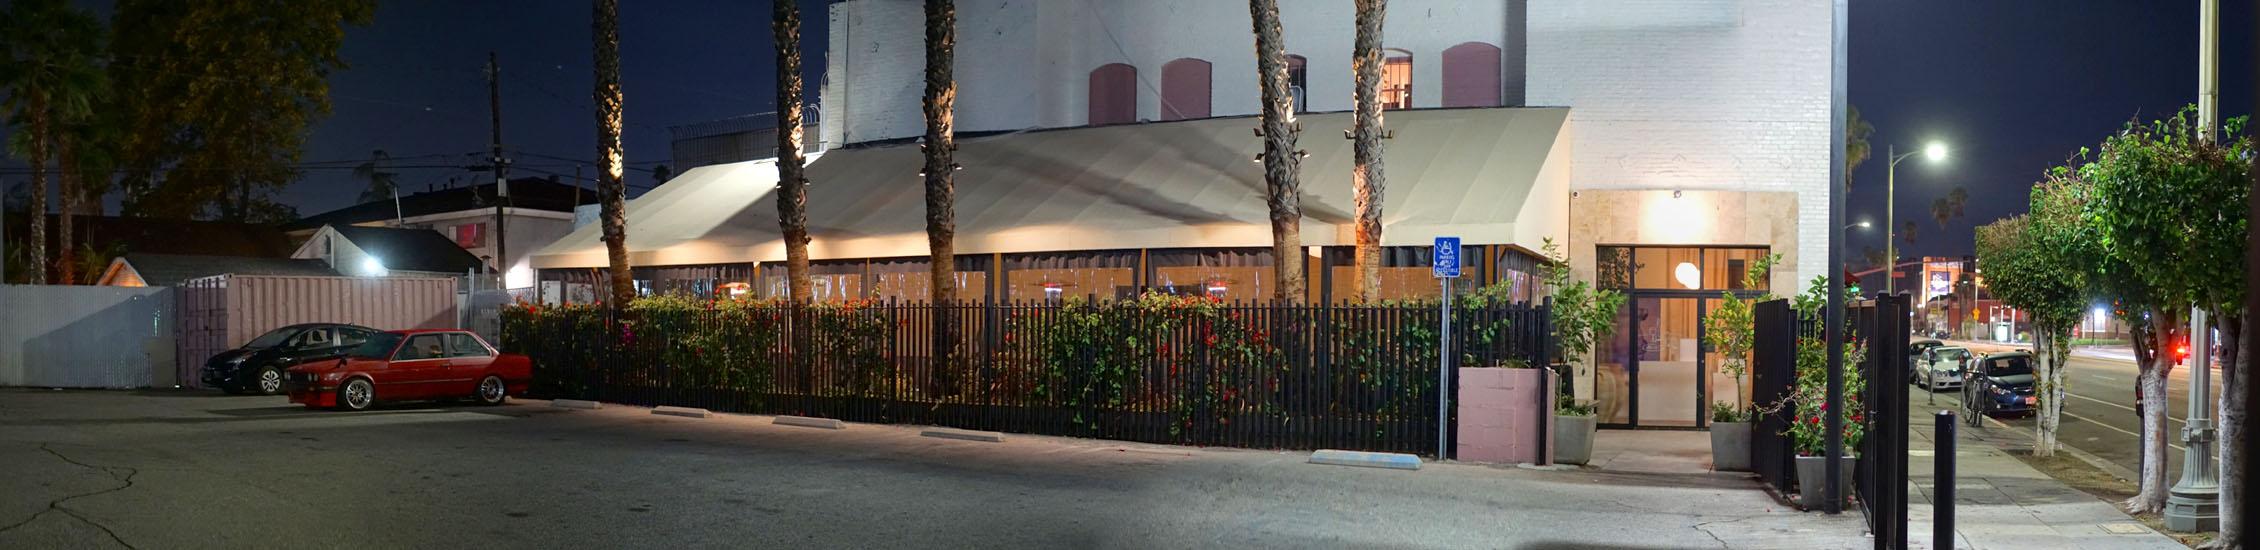 Bar Restaurant Exterior